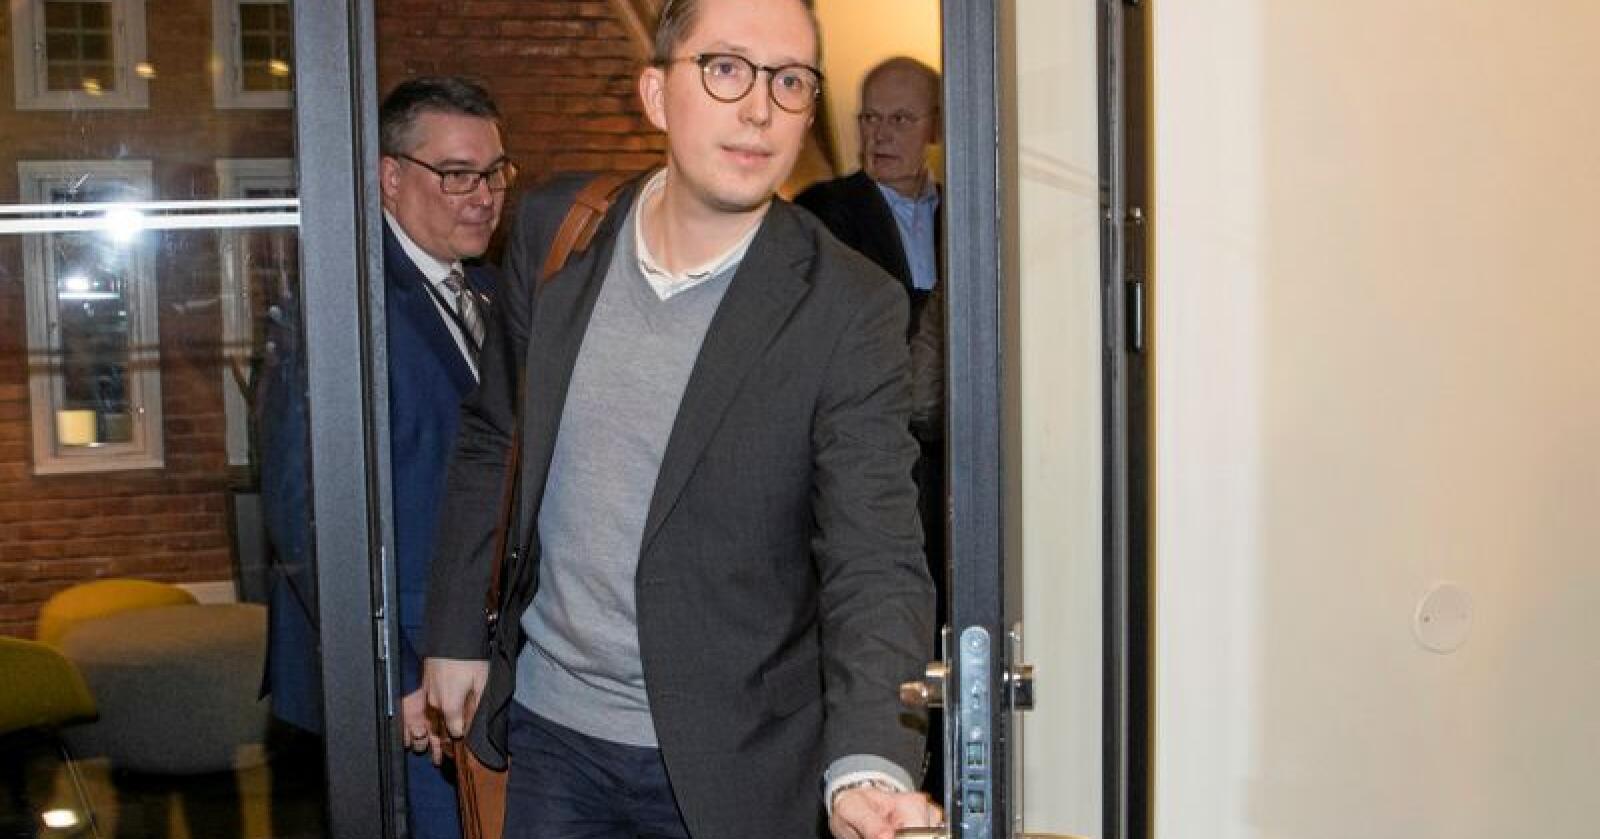 – Jeg kommer ikke til å søke renominasjon til Stortinget, sier Kristian Tonning Riise. Foto: Håkon Mosvold Larsen / NTB scanpix